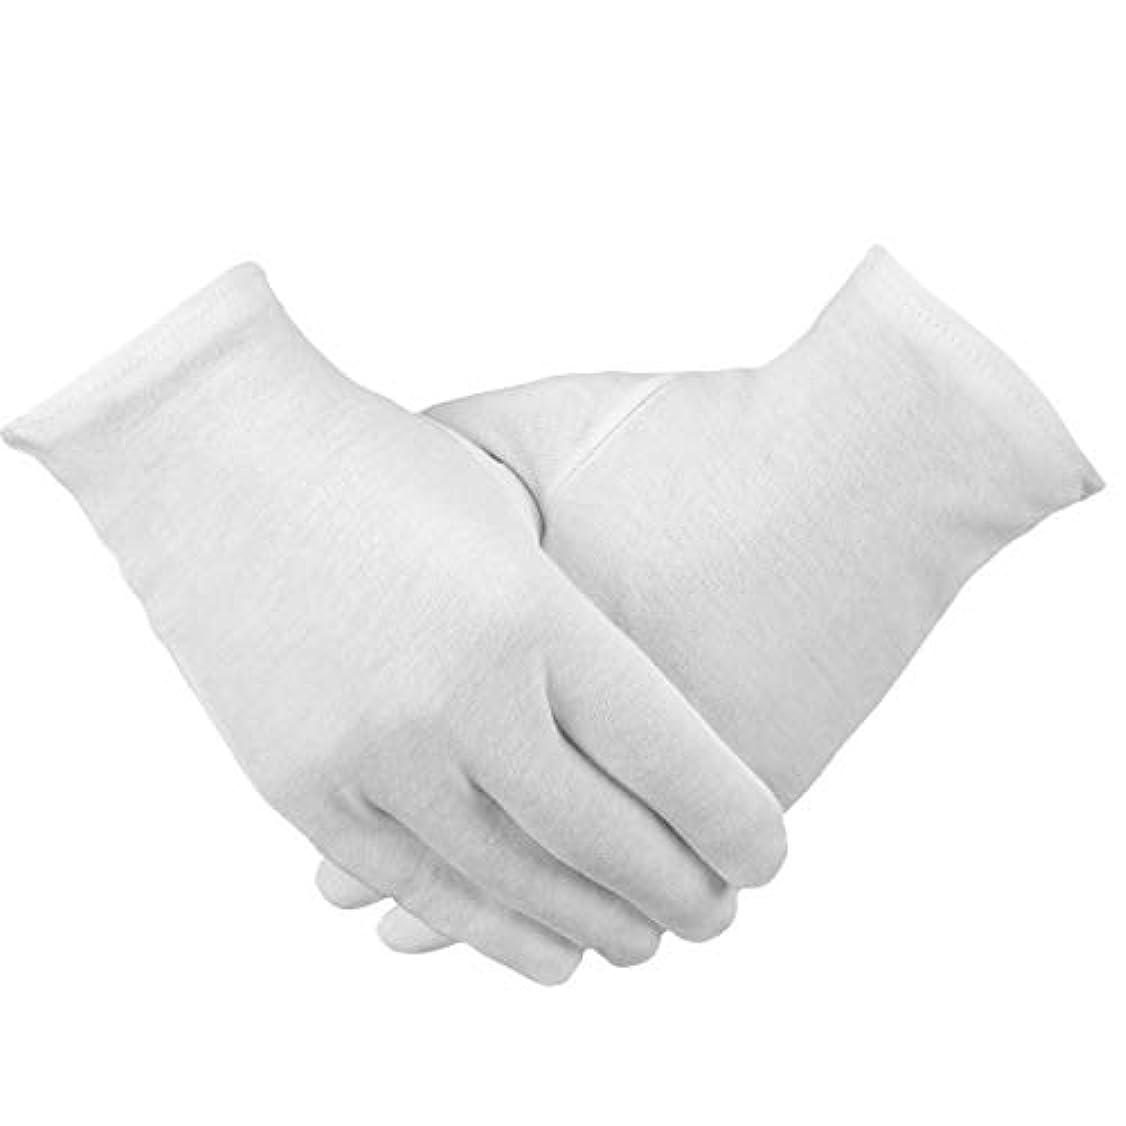 戸棚かなりの子羊PAMASE 12ペア 手荒れ対策 コットン手袋 綿手袋 純綿 ハンドケア 白手袋 お休み 乾燥肌用 保湿用 家事用 礼装用 メンズ レディース 手袋